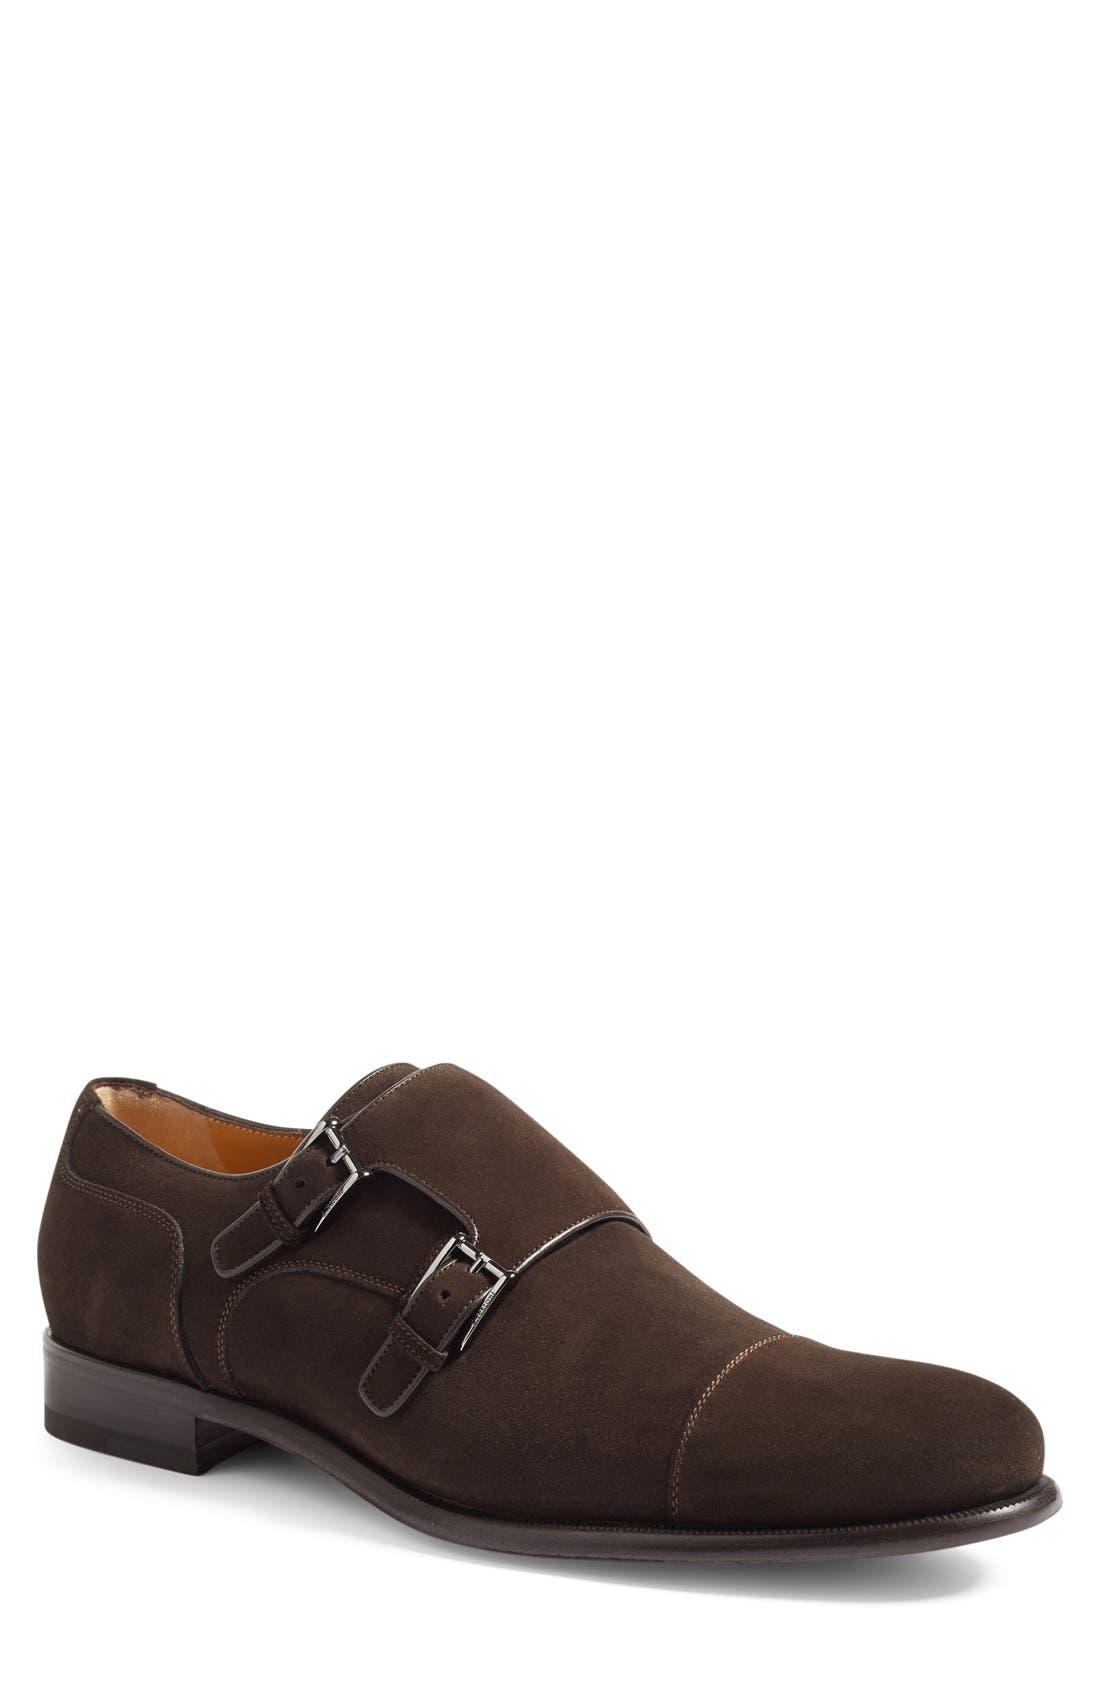 Main Image - A. Testoni Double Monk Strap Shoe (Men)